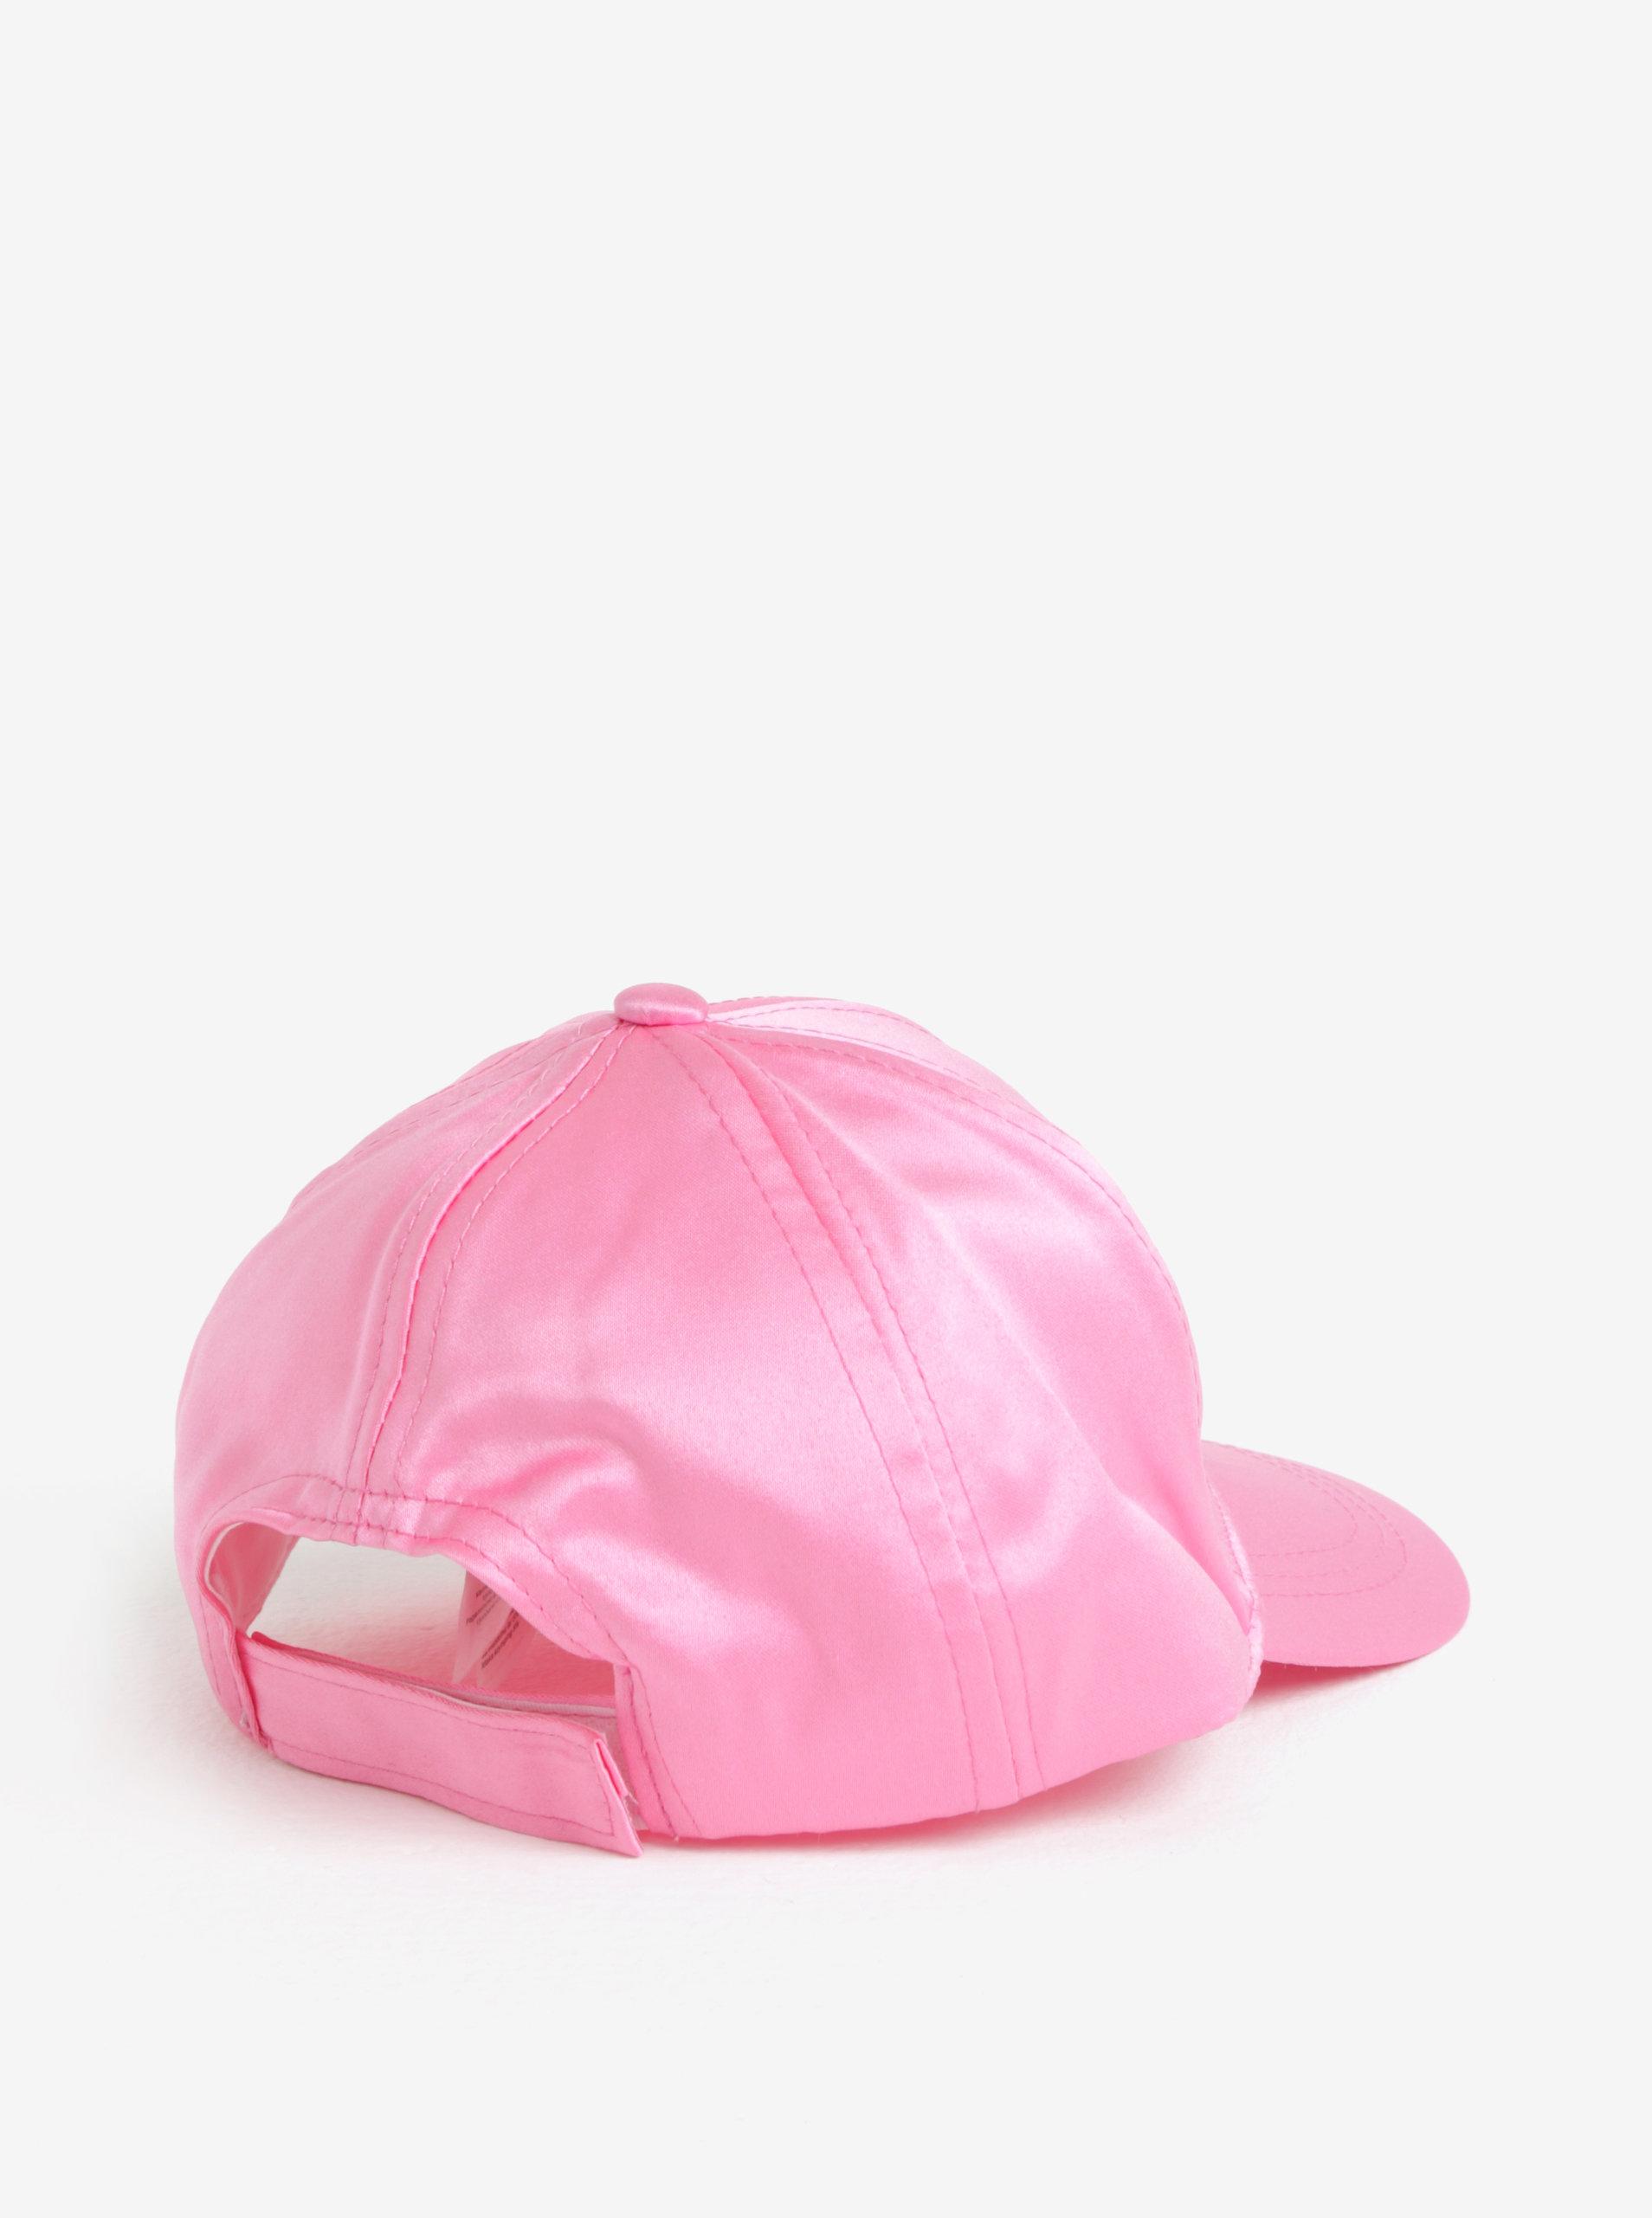 8071129d249 Růžová holčičí lesklá kšiltovka s výšivkou name it Sanna ...